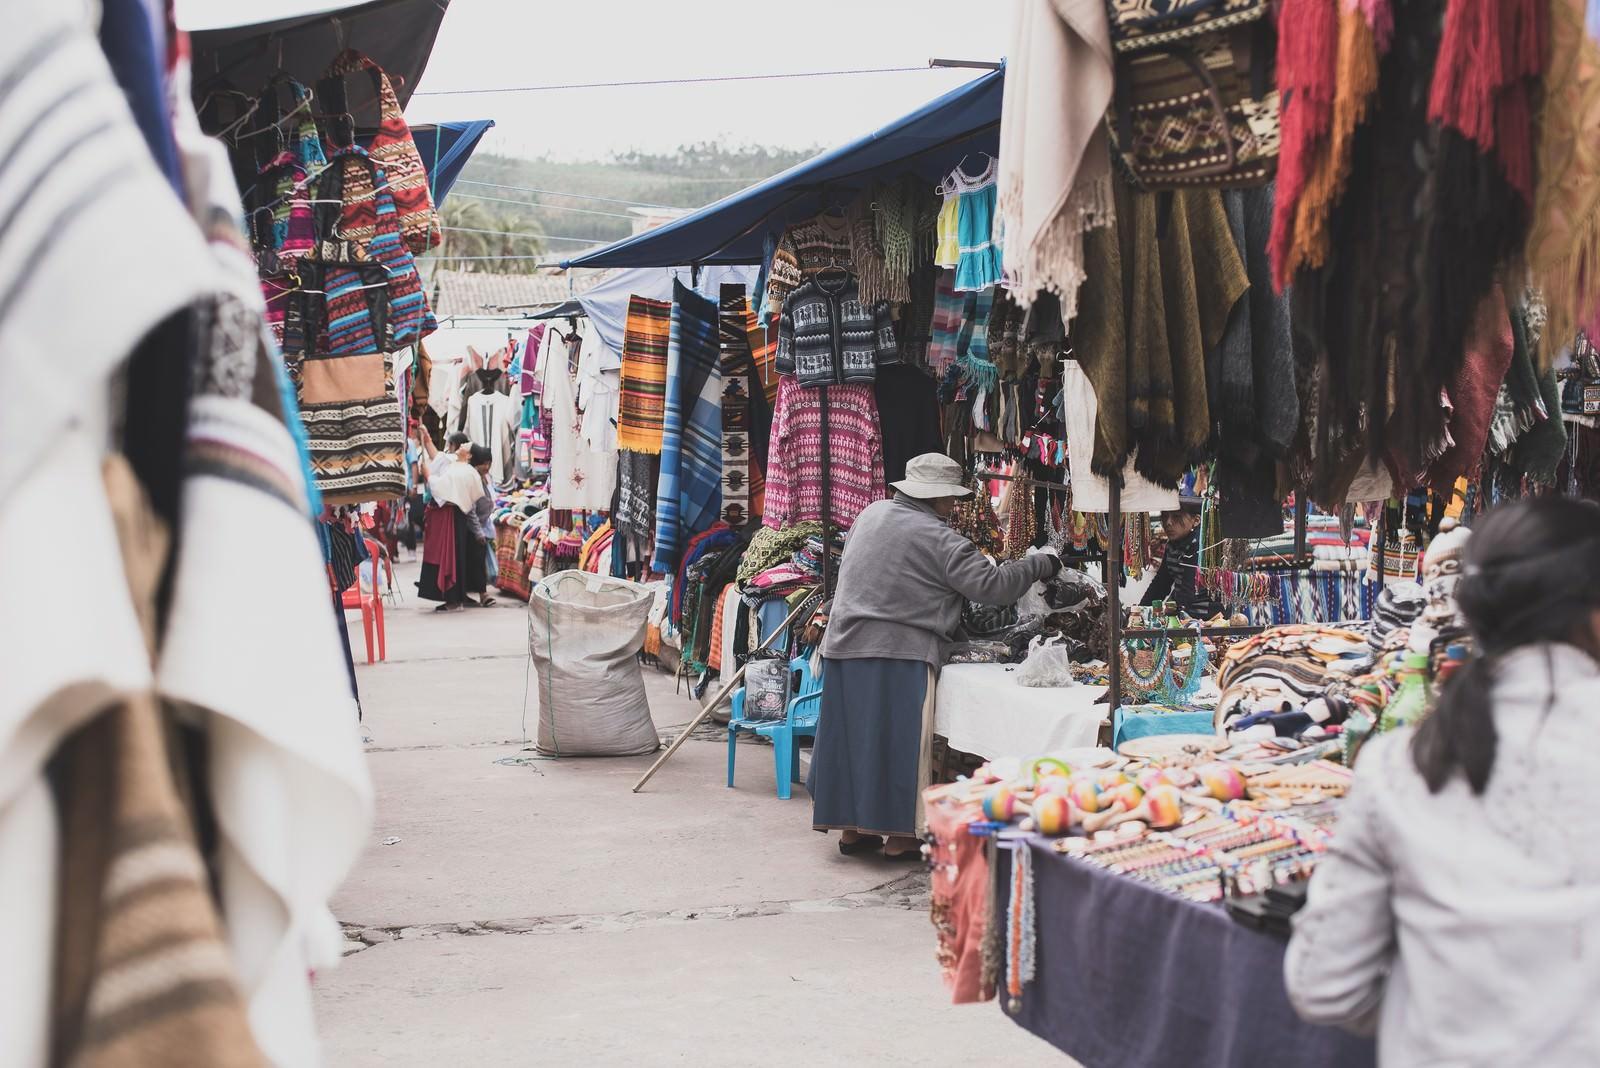 ボリビアの街角